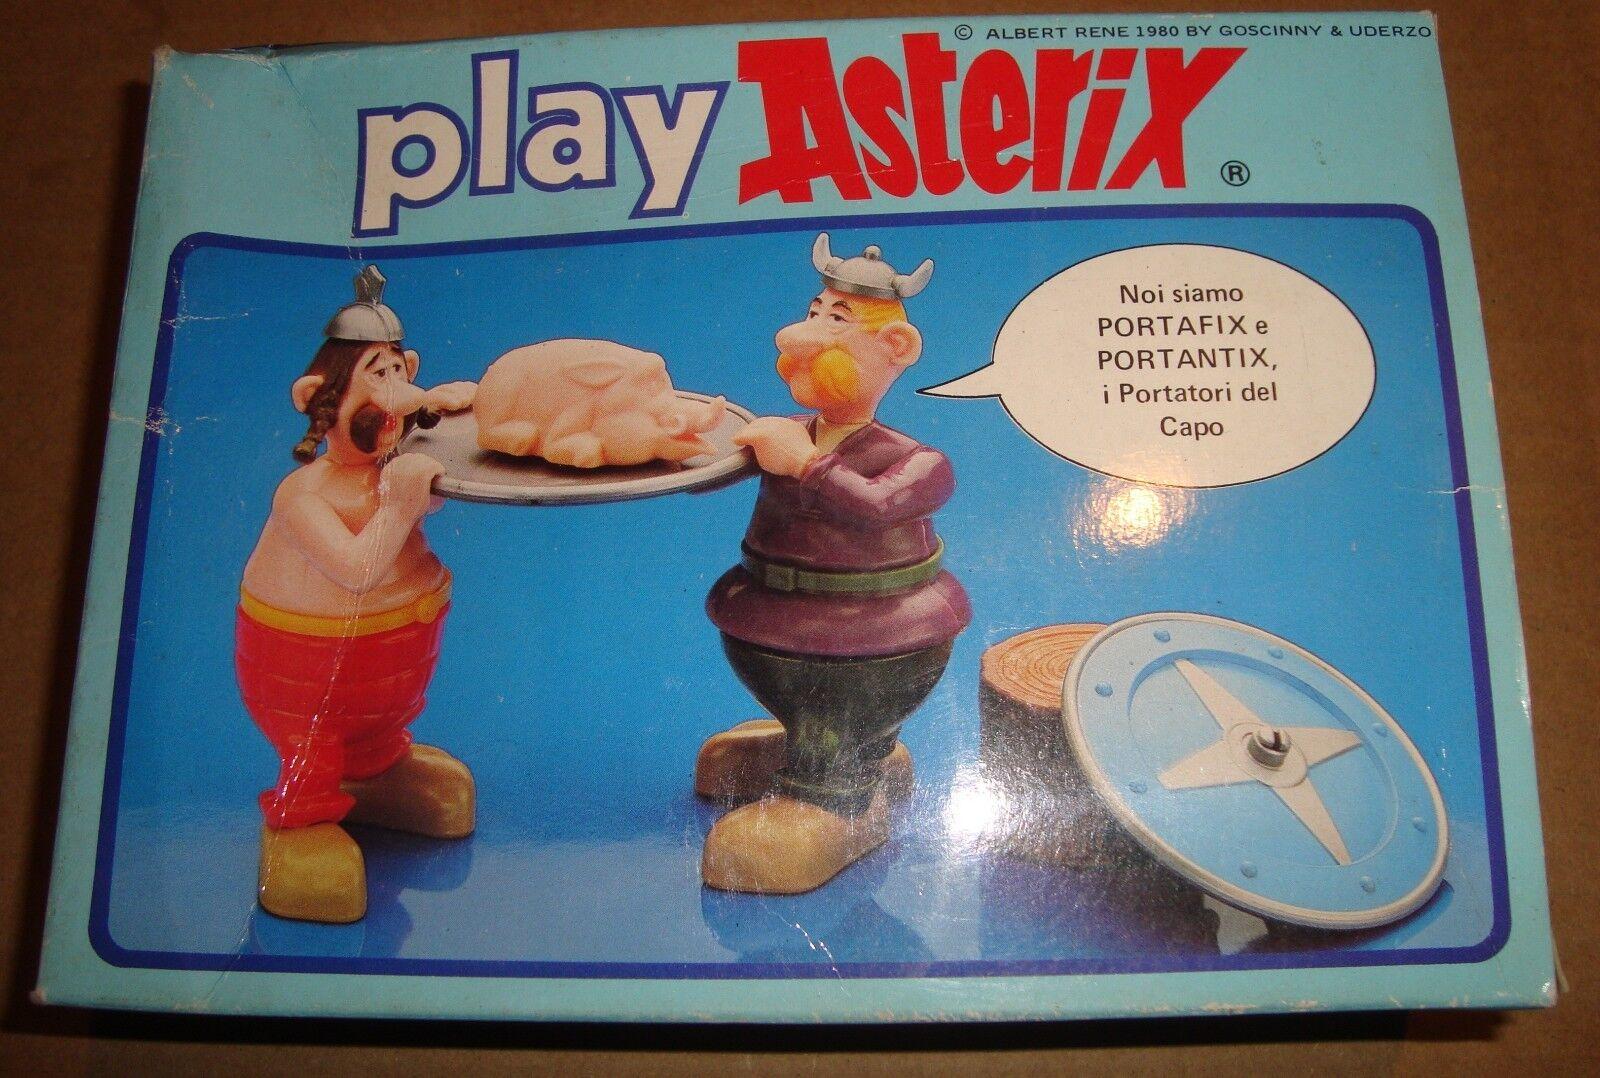 PLAY ASTERIX 6214 PORTAFIX E PORTANTIX MOLIMPORT TOY CLOUD 1980